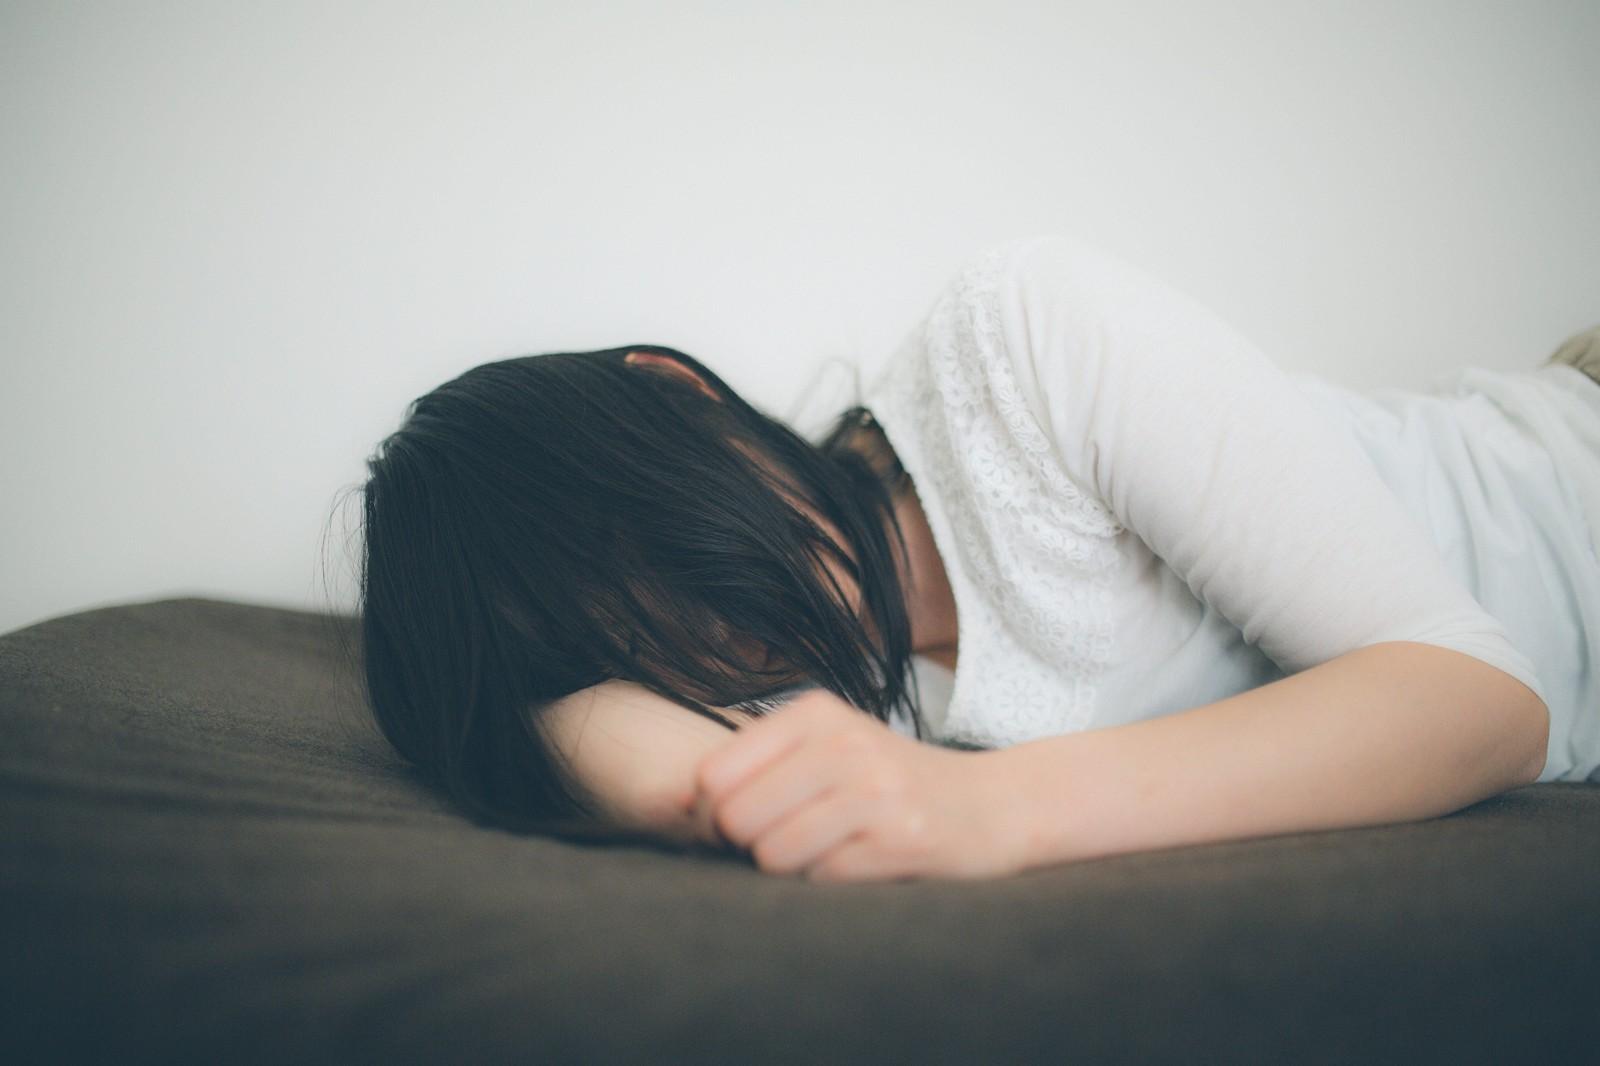 昼寝の時間が長い!ちゃんと起きれる3つのポイント!寝すぎると憂鬱になるよね。。。